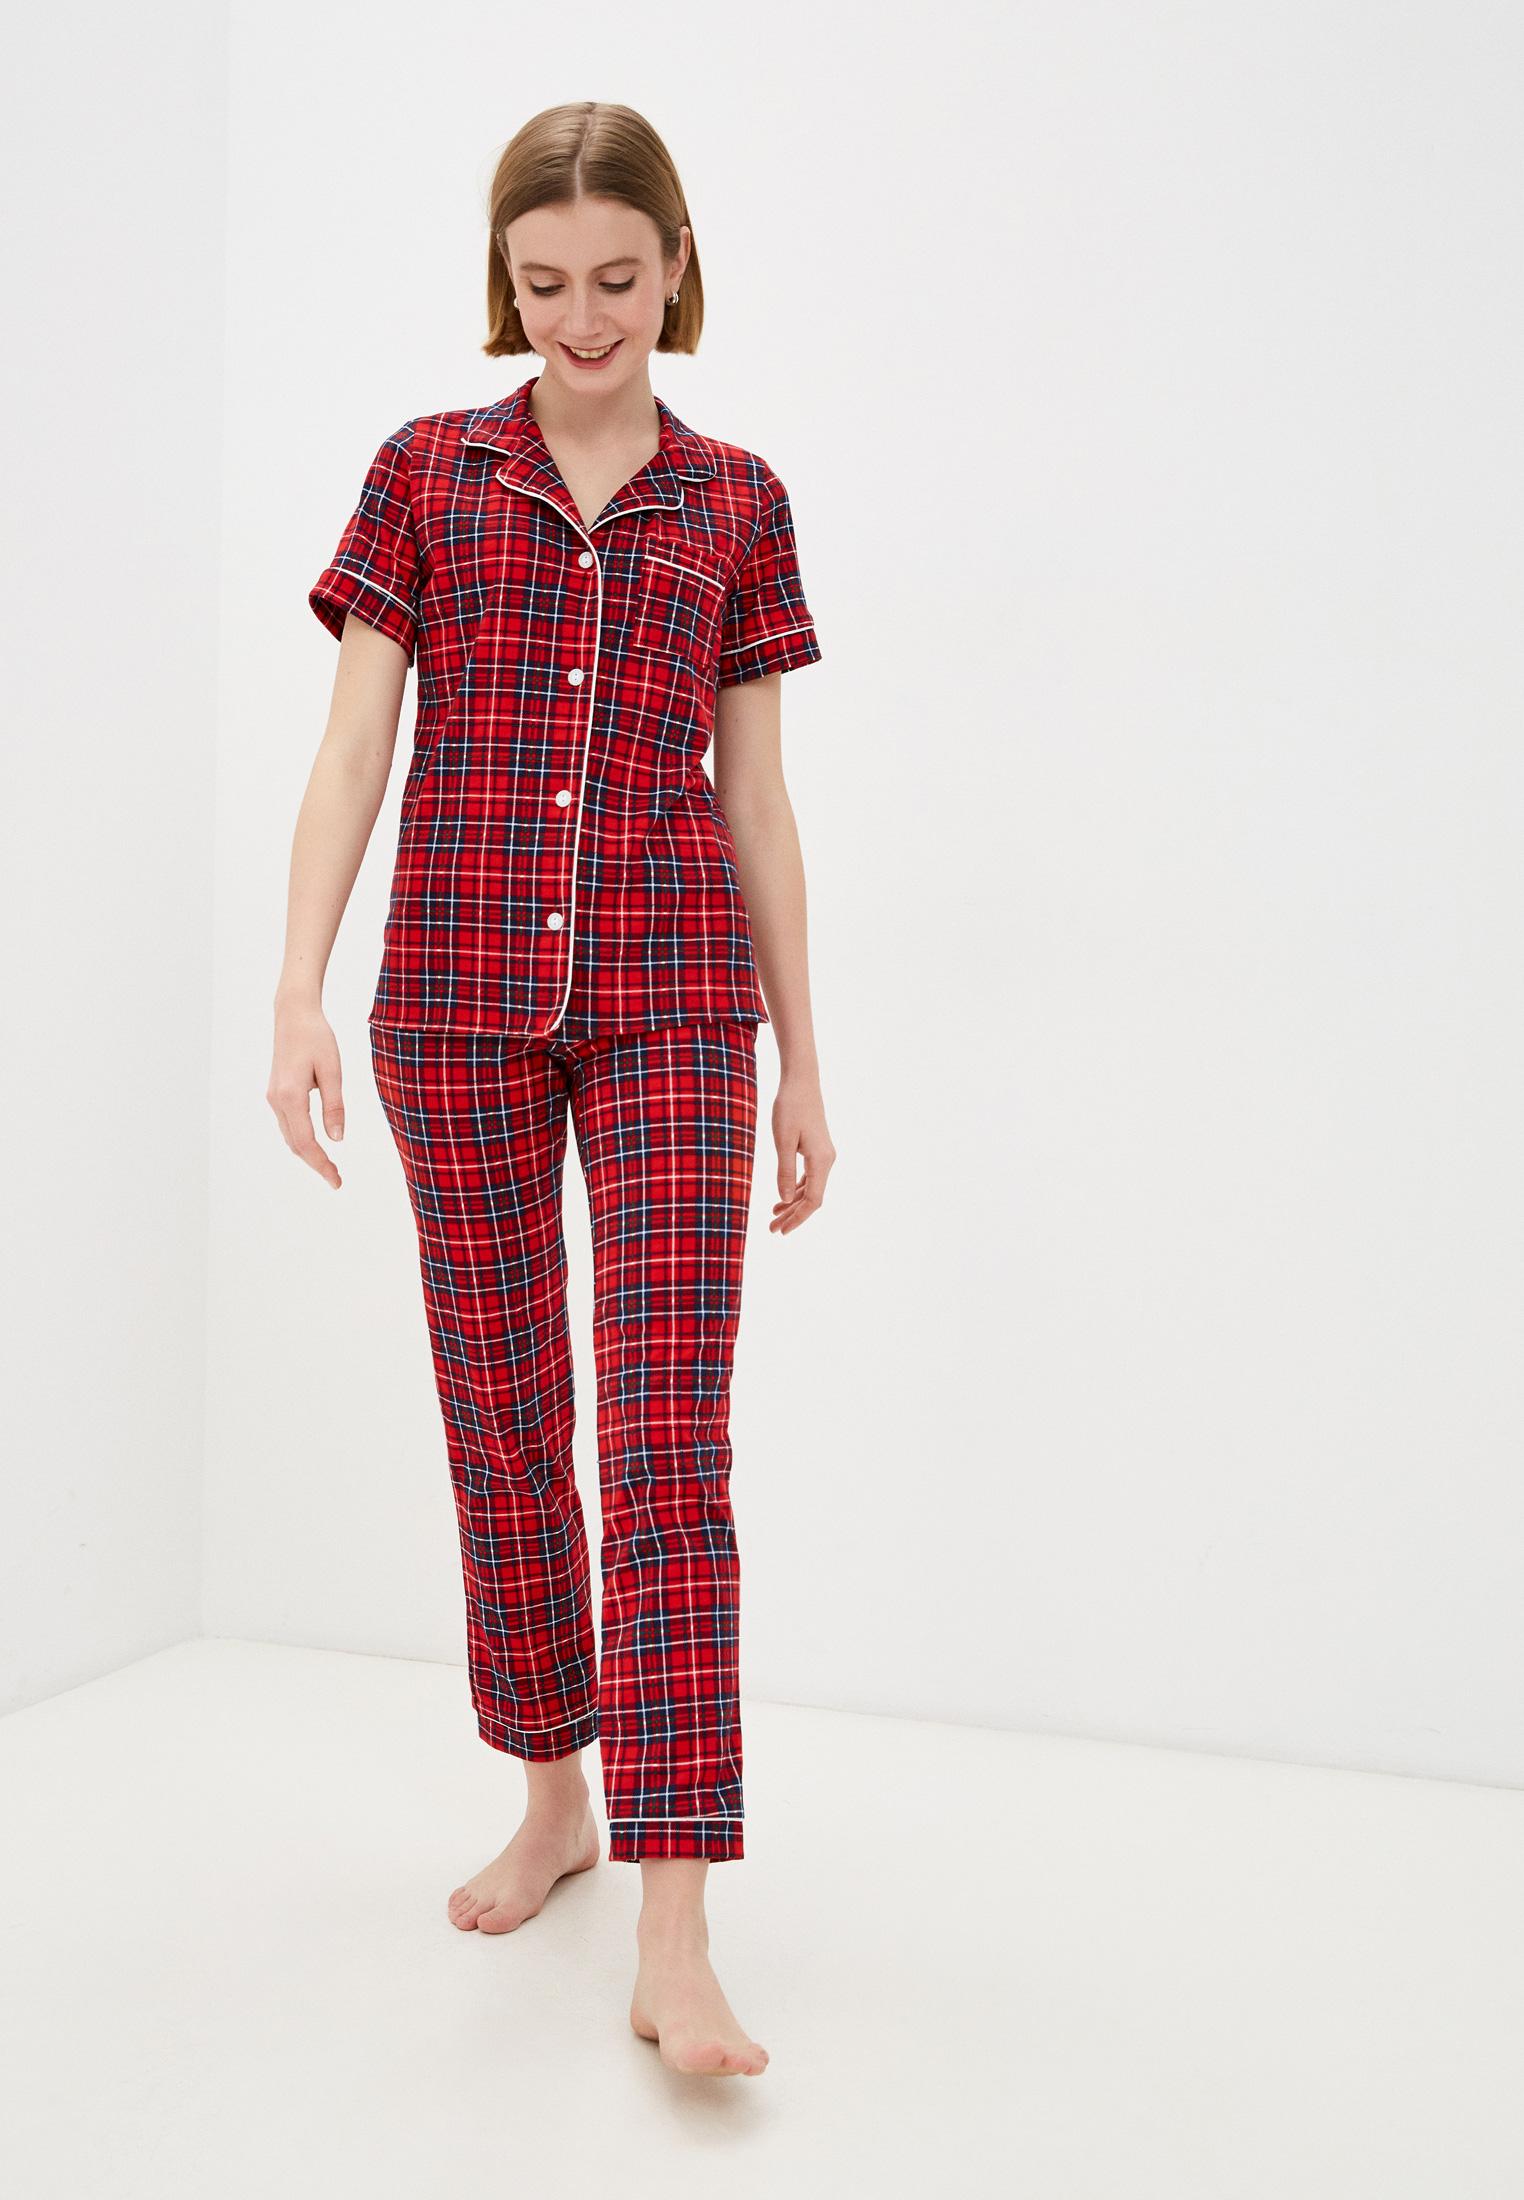 Женское белье и одежда для дома Dansanti Пижама Dansanti